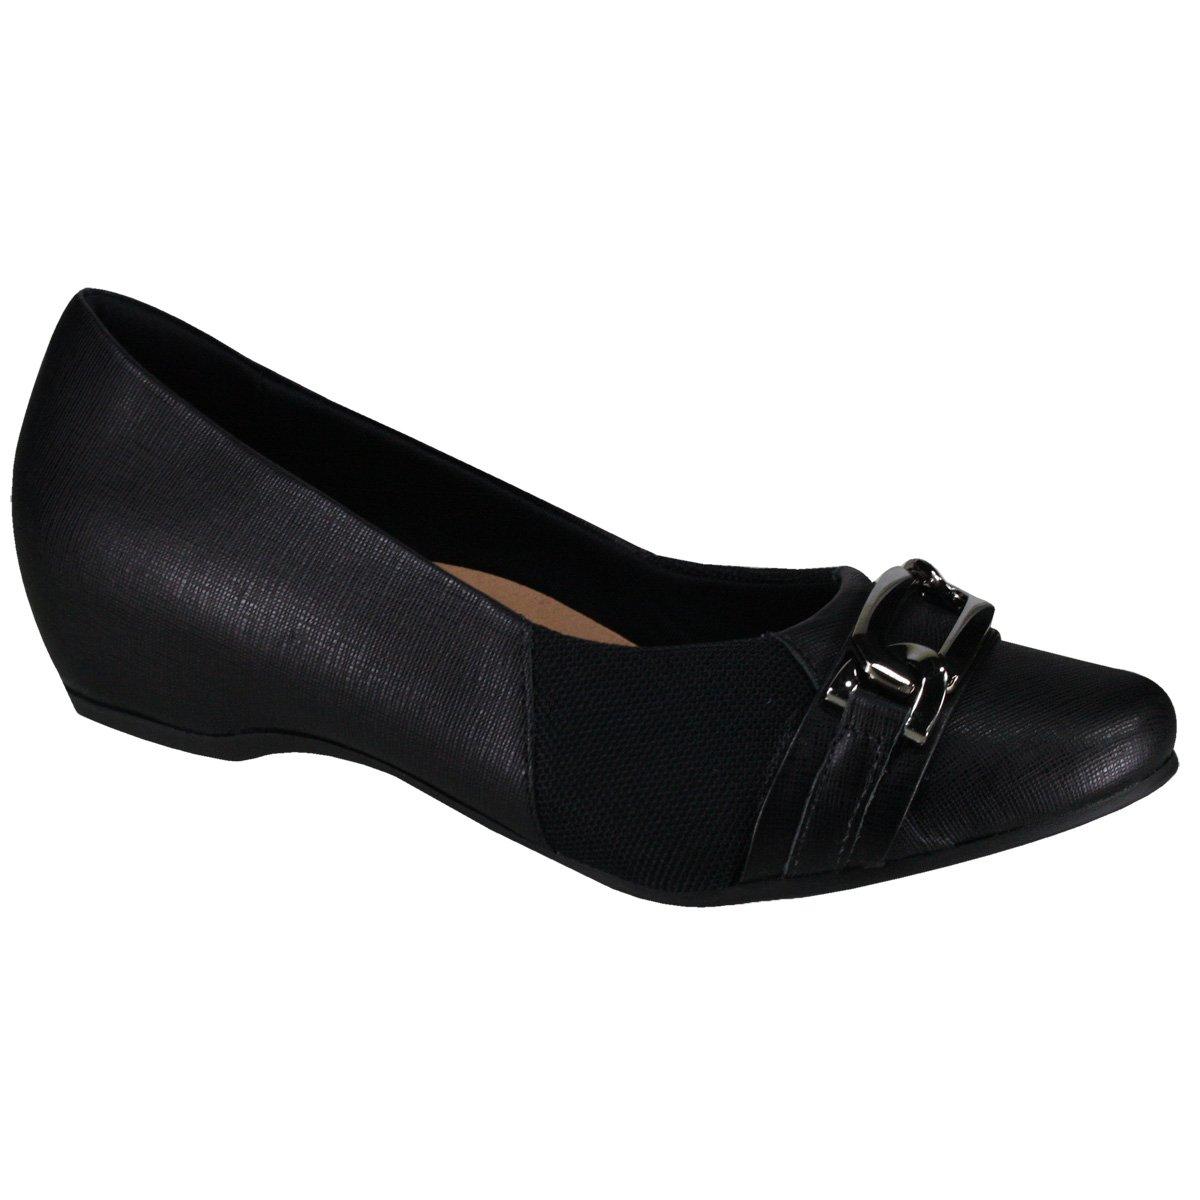 9f1a6e3bd Sapato Usaflex Care Joanetes N2266 50 Preto Onix